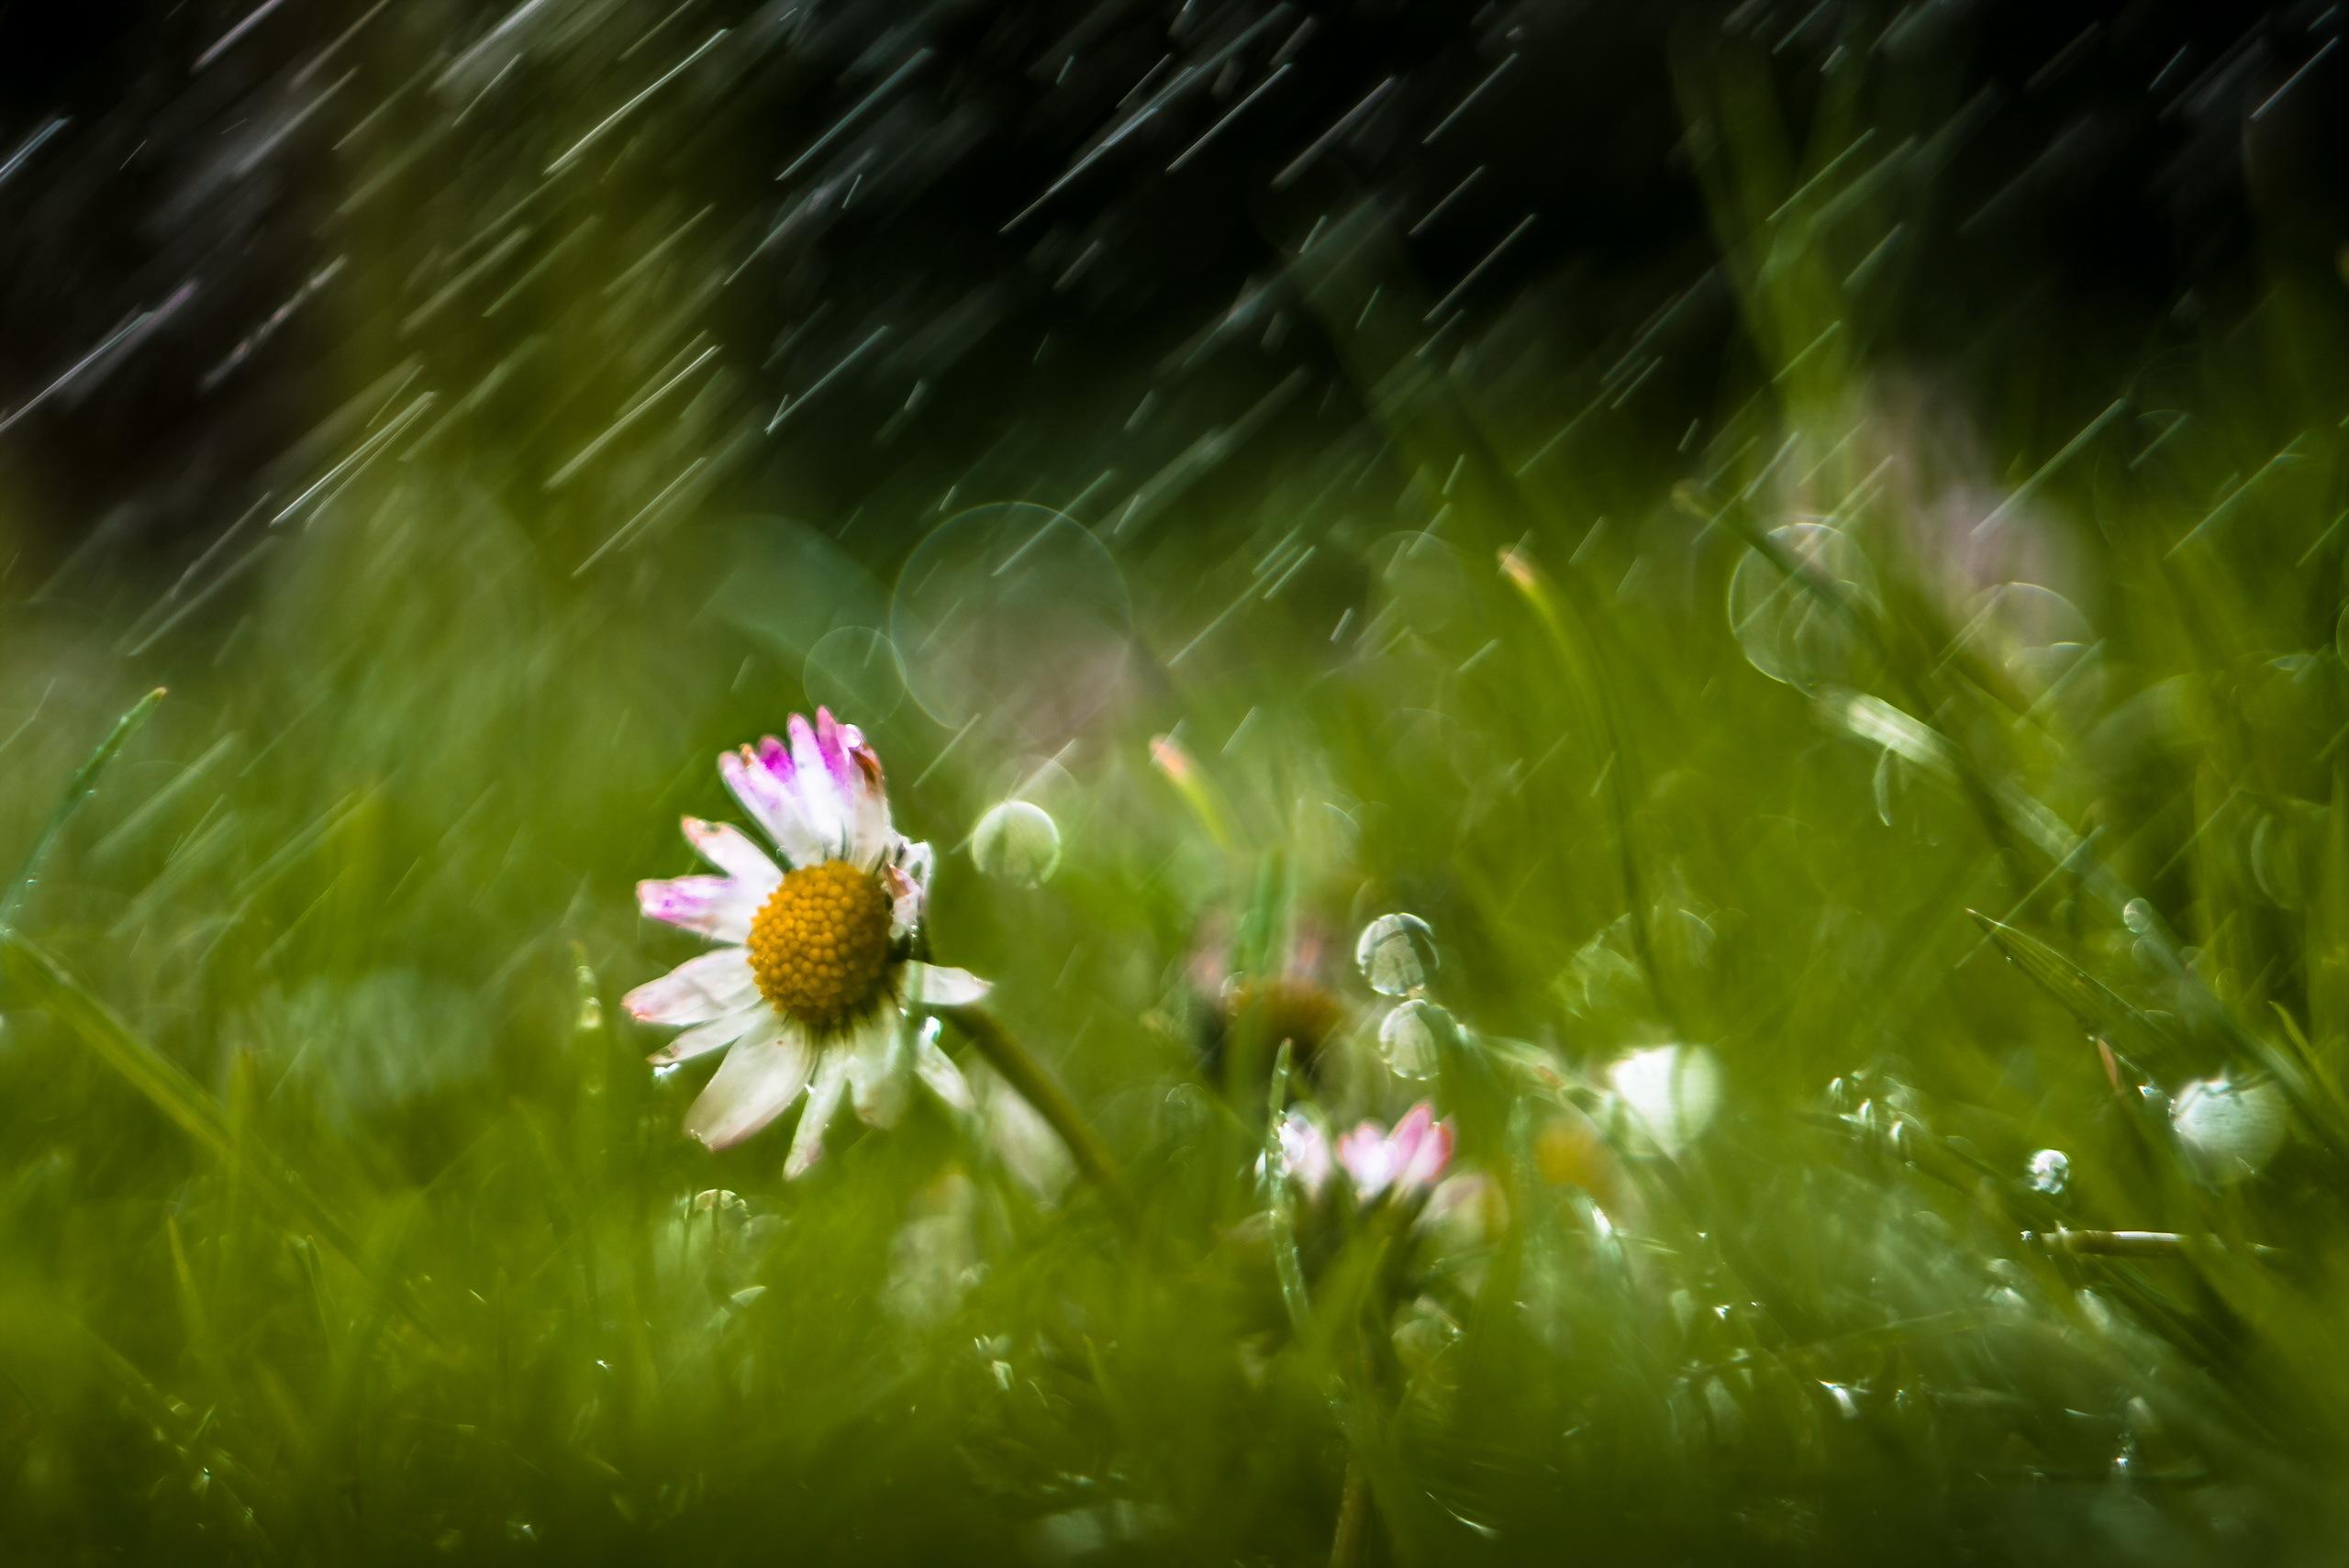 картинки на рабочий стол летний дождь пища жрать приколы